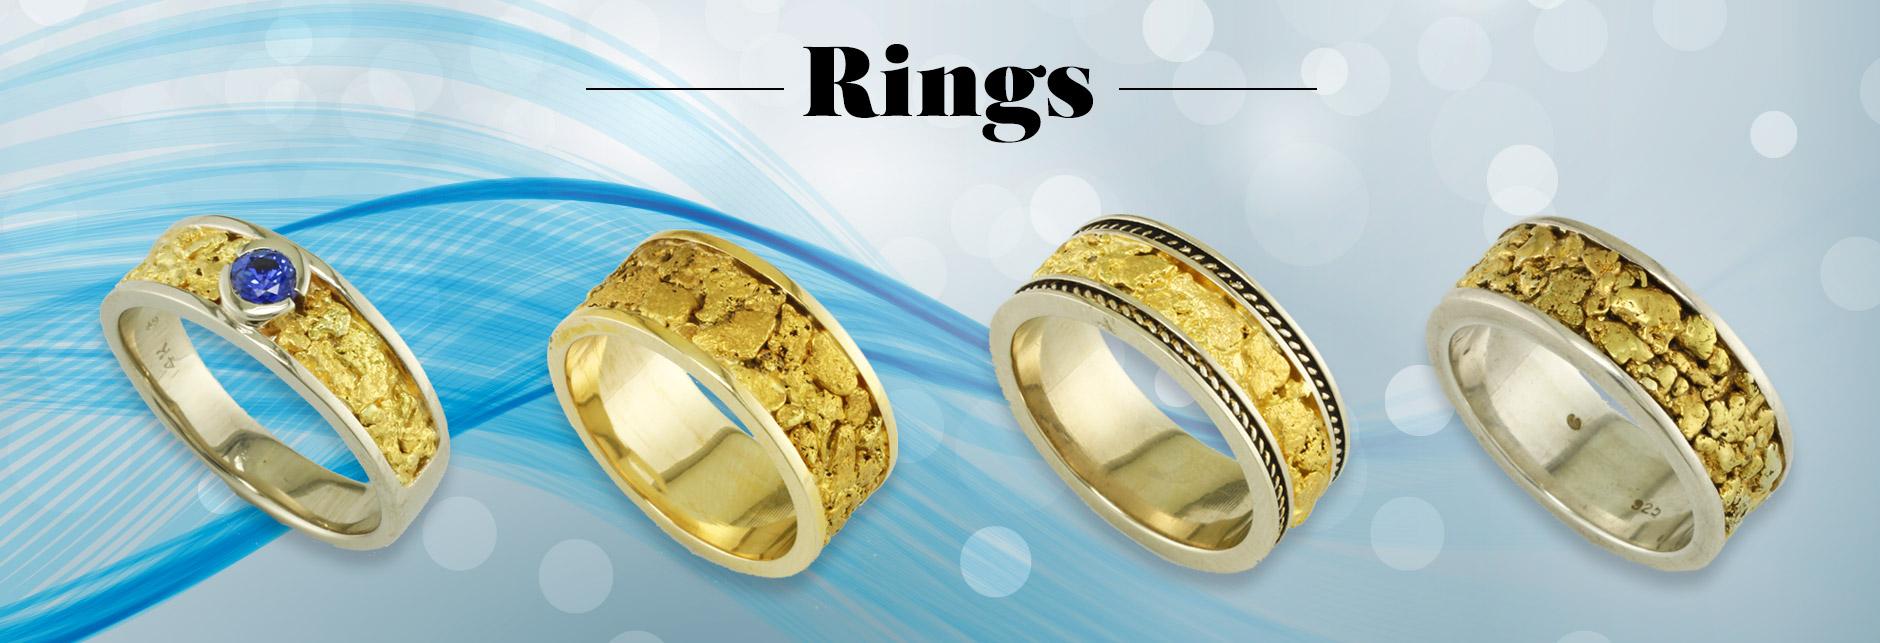 nugget-rings-header-pic.jpg